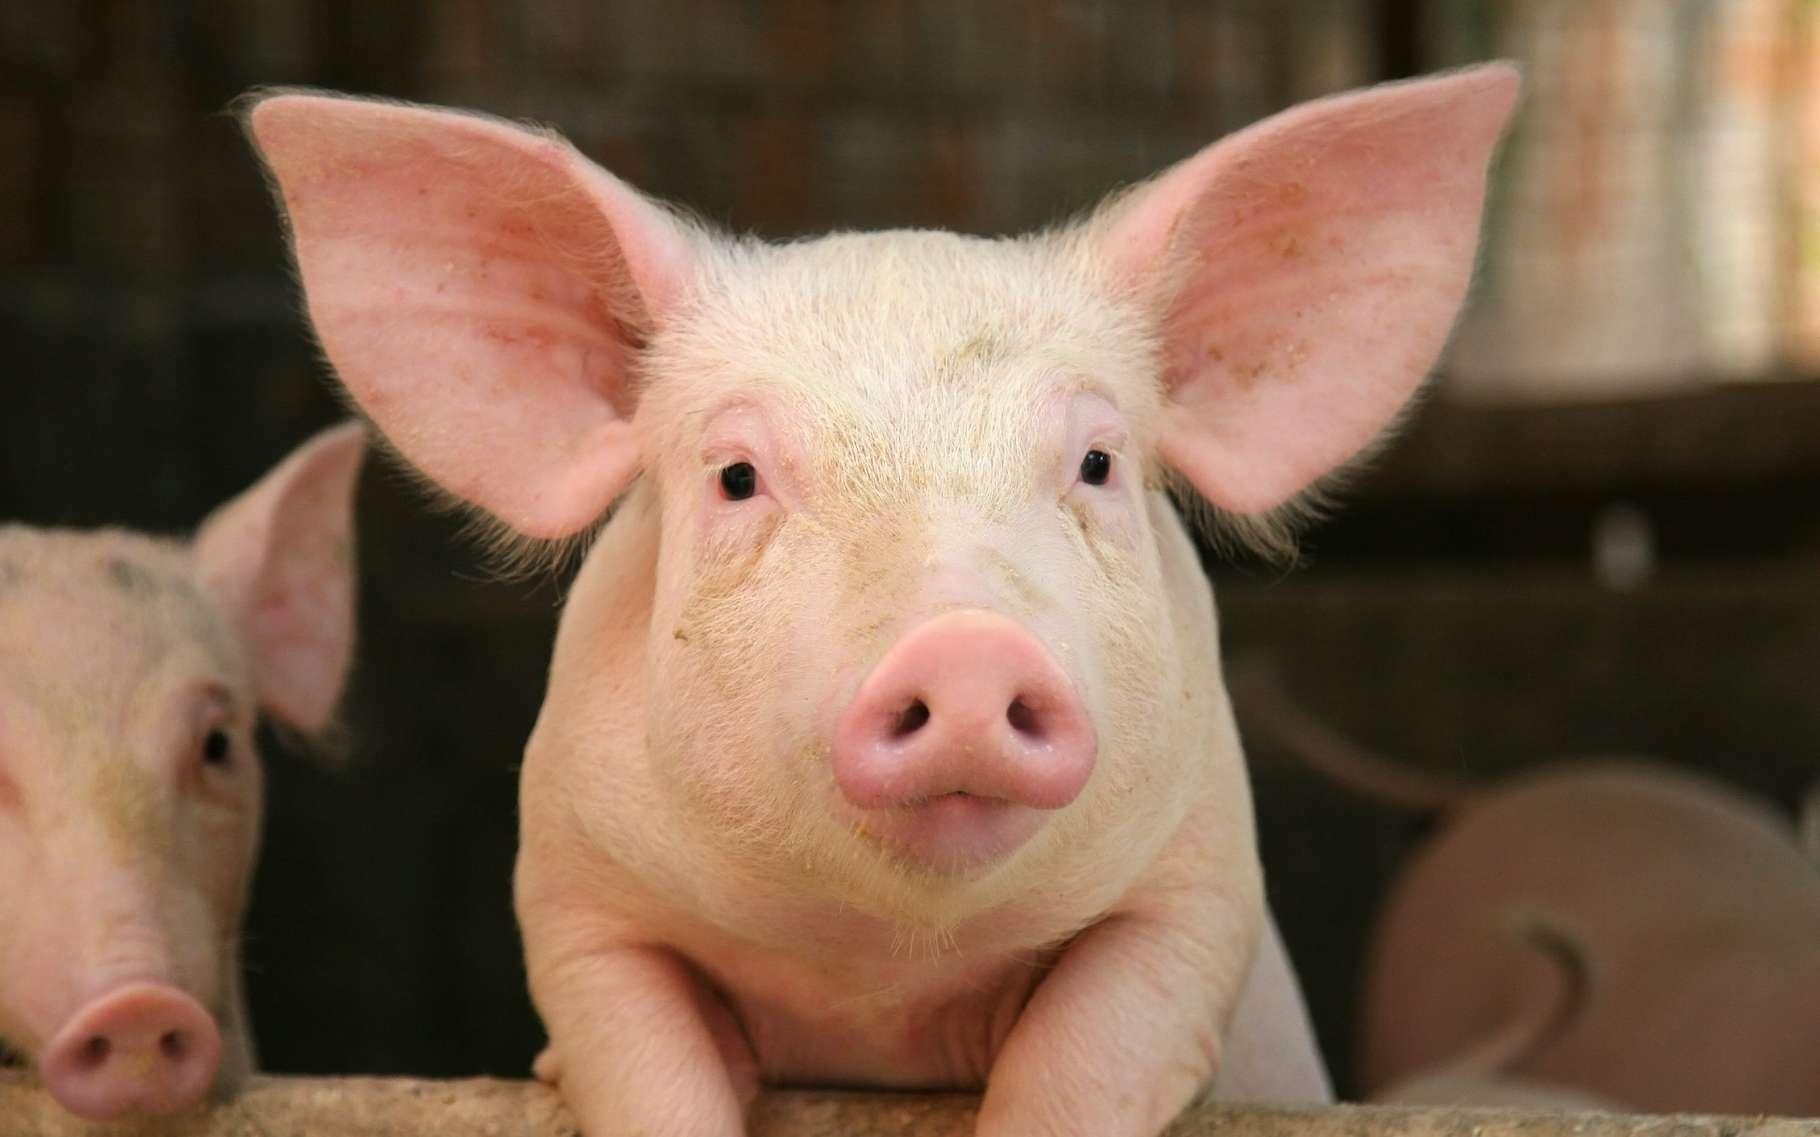 Des chercheurs de l'université Purdue (États-Unis) ont appris à des cochons à jouer à des jeux vidéo. © Simone van den Berg, Adobe Stock